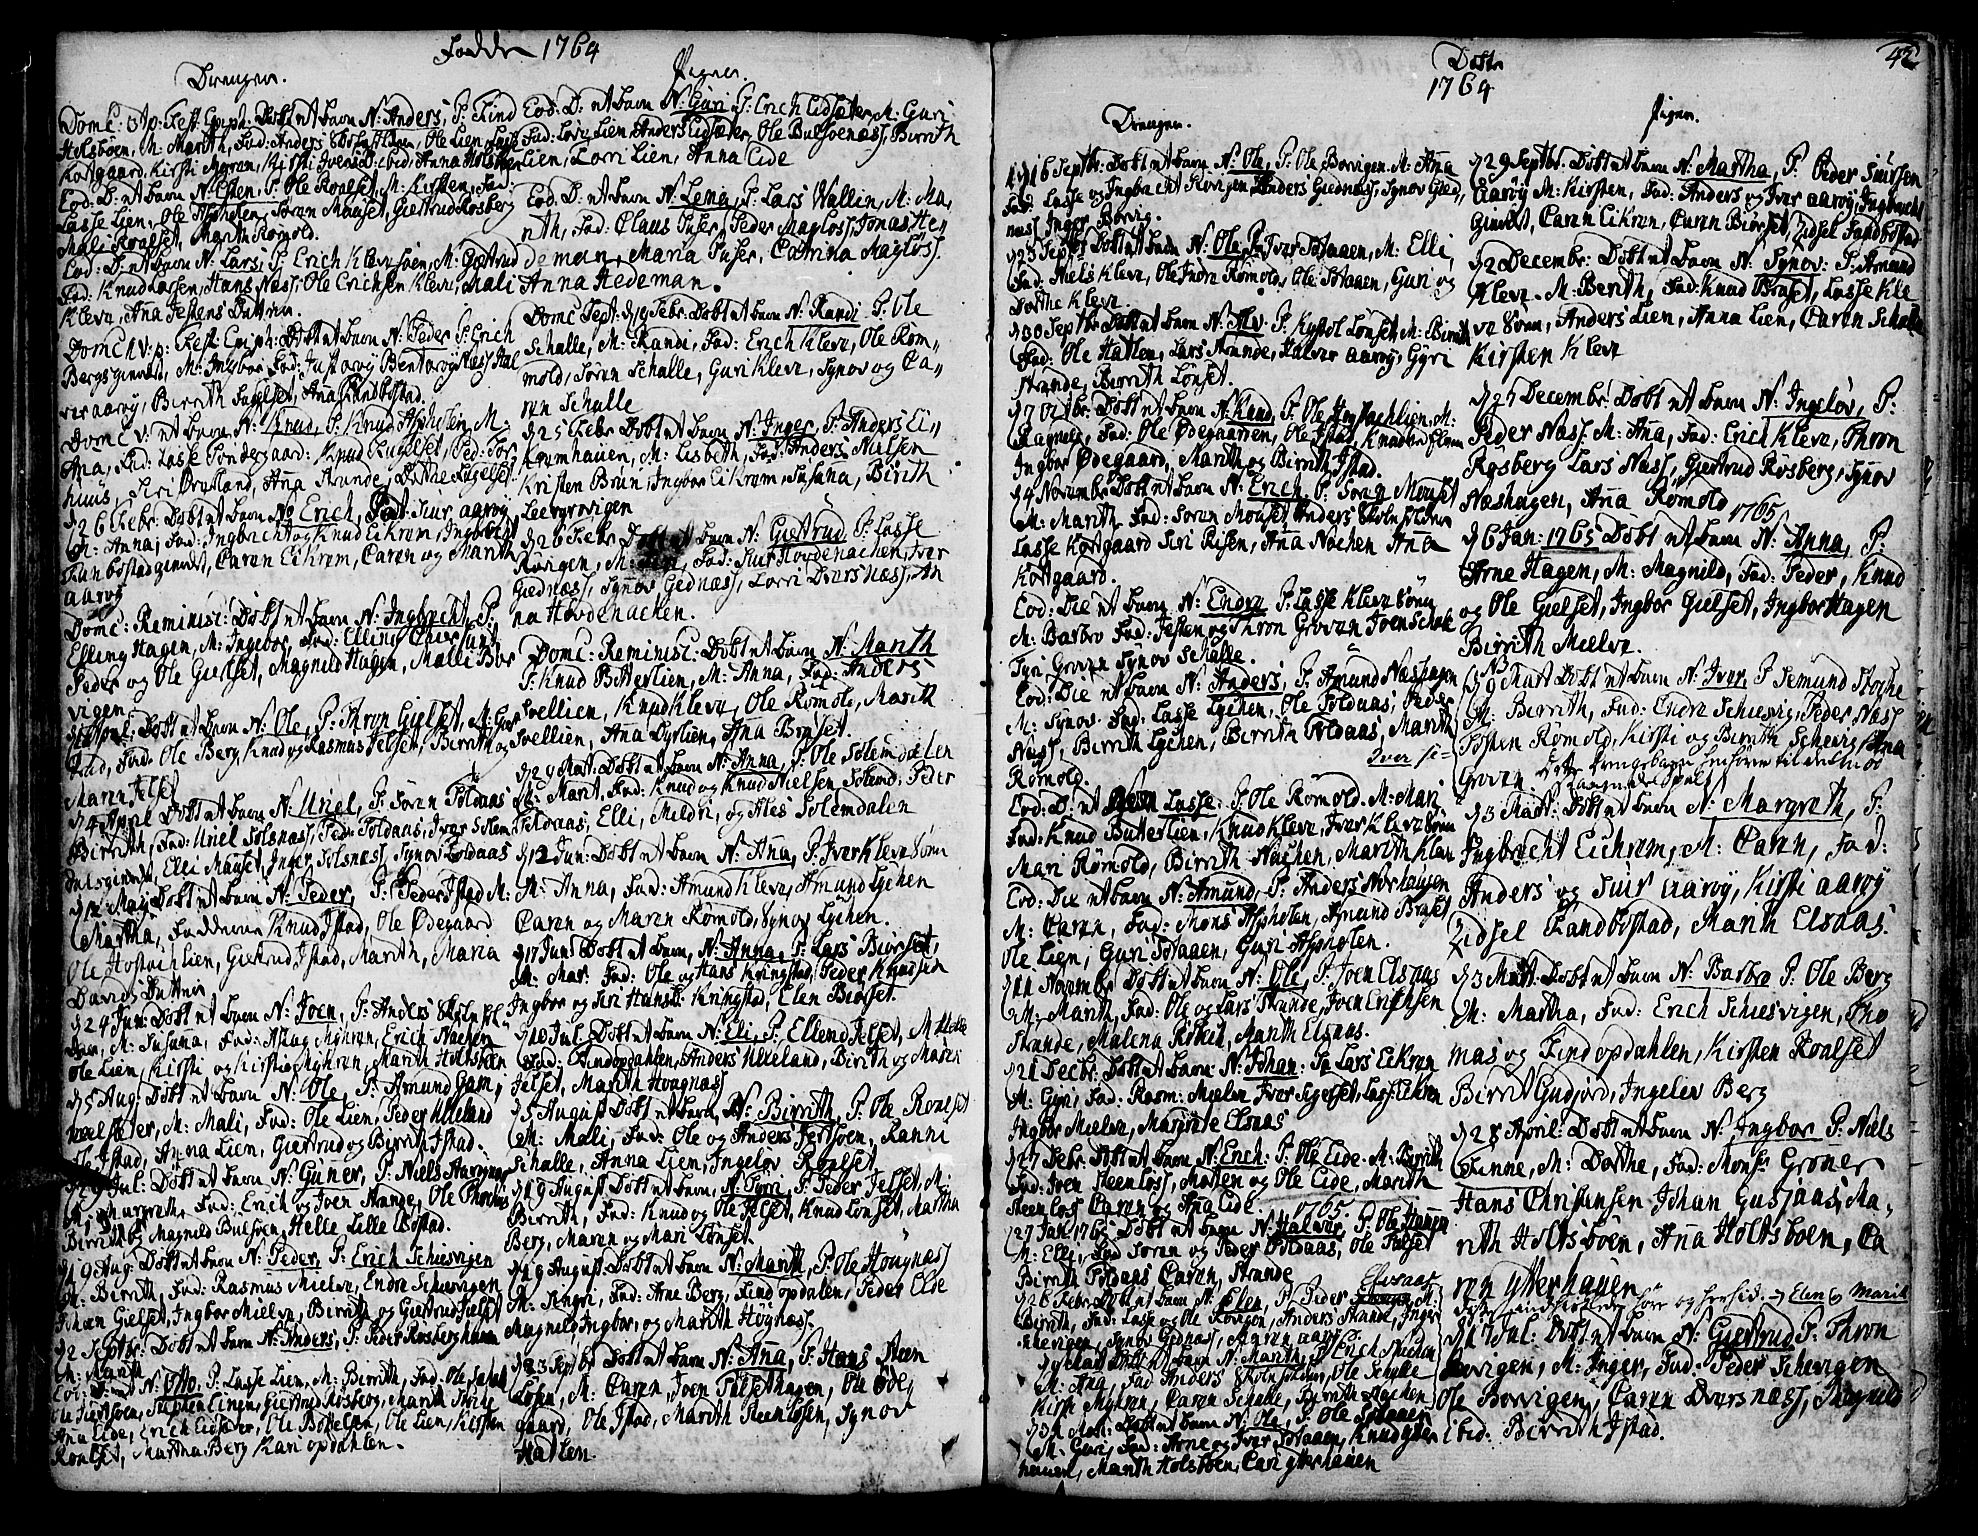 SAT, Ministerialprotokoller, klokkerbøker og fødselsregistre - Møre og Romsdal, 555/L0648: Ministerialbok nr. 555A01, 1759-1793, s. 42